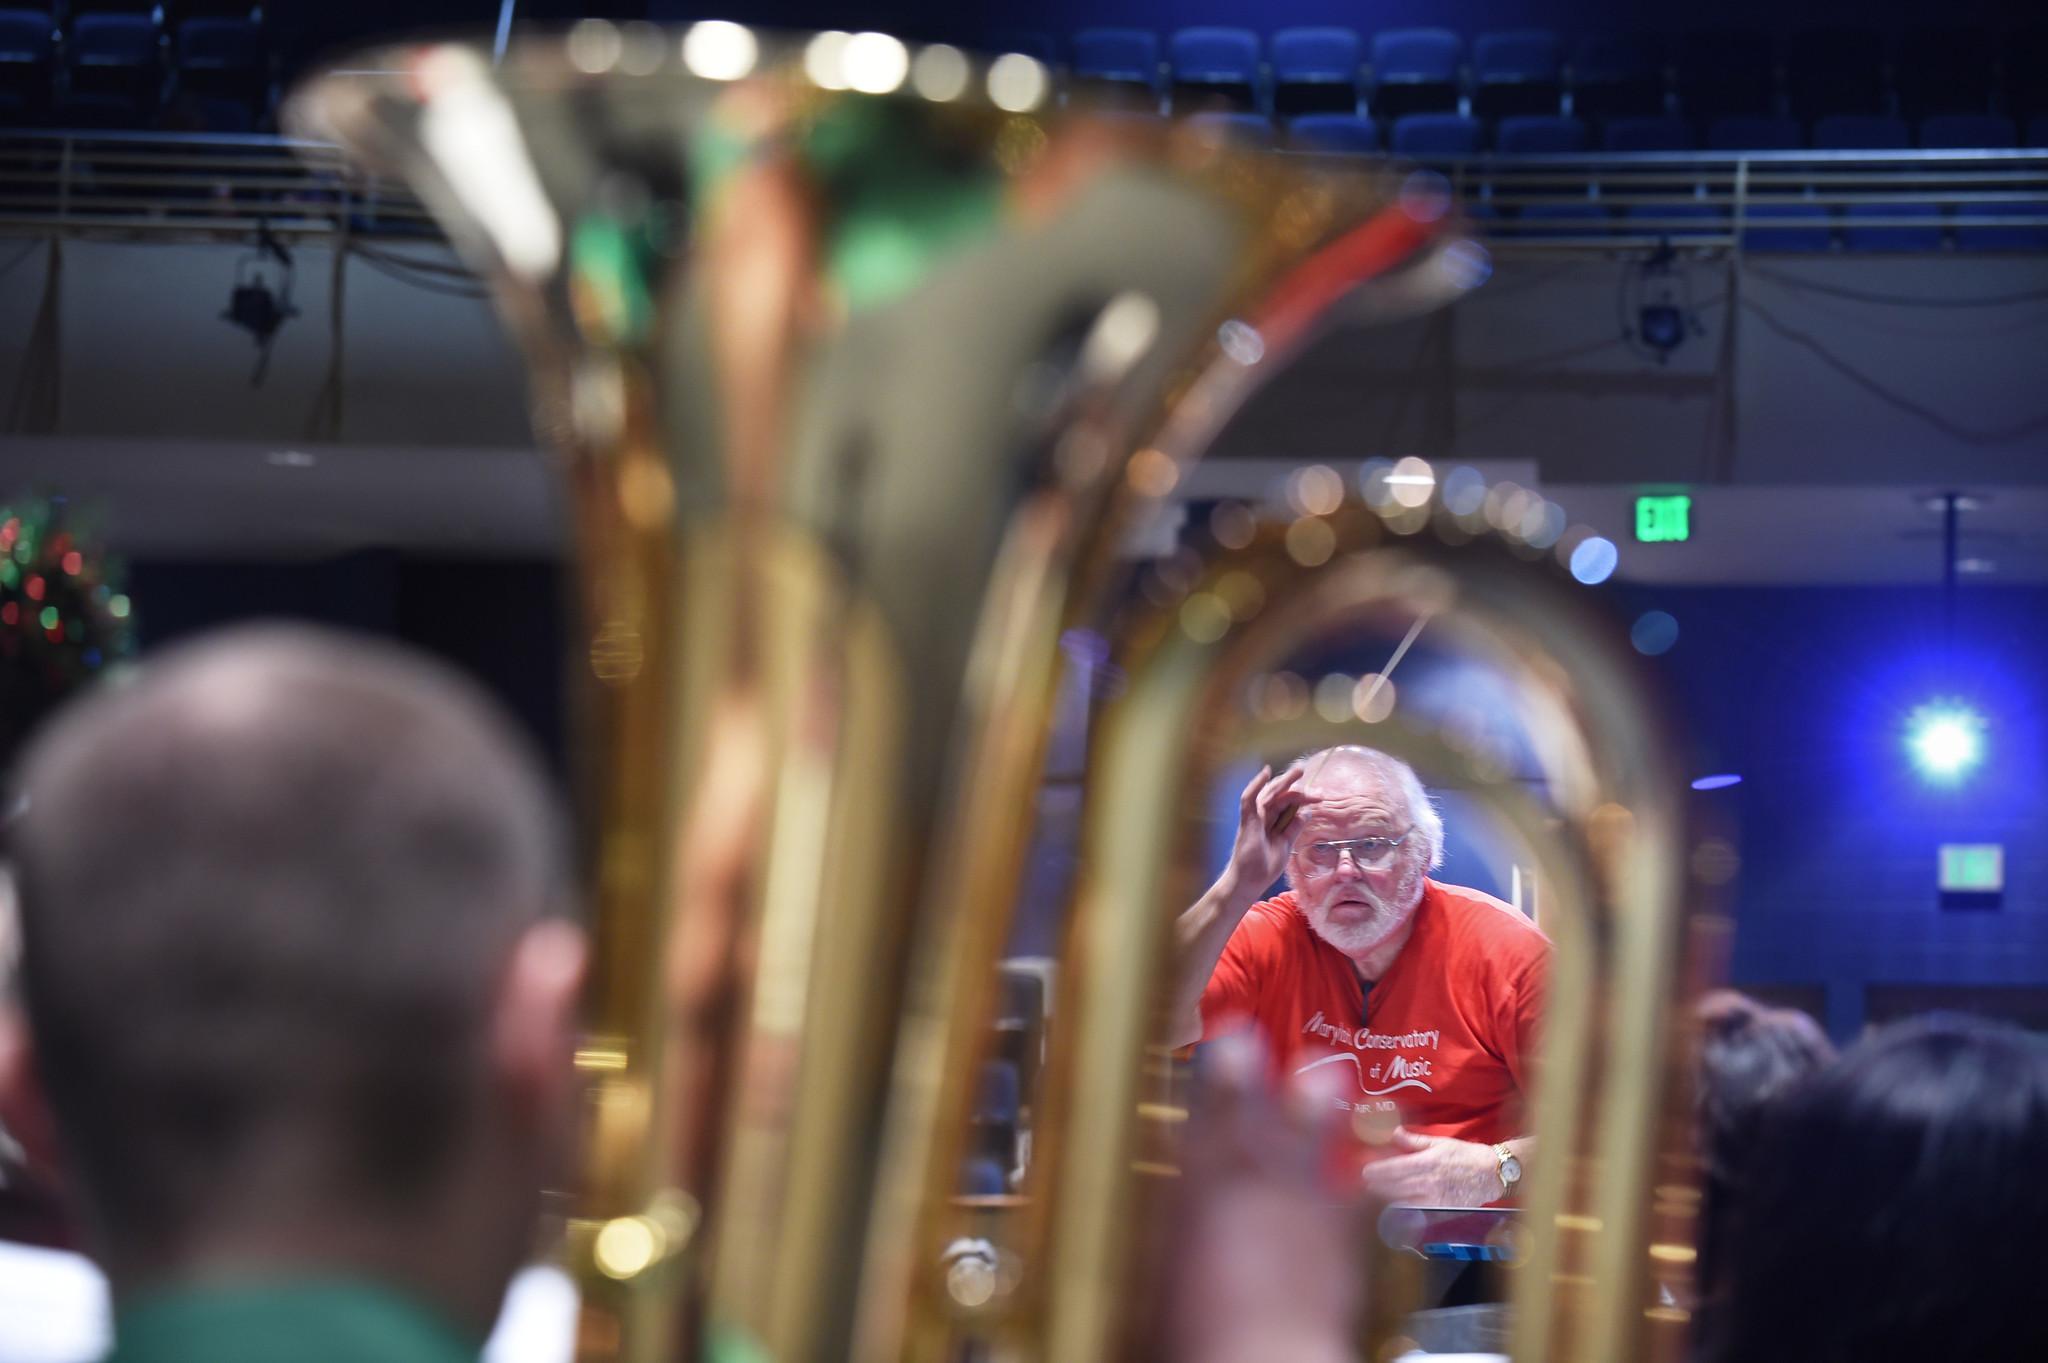 Tuba Christmas 2020 Baltimore Holiday horns: Merry Tuba Christmas returns to Bel Air High School